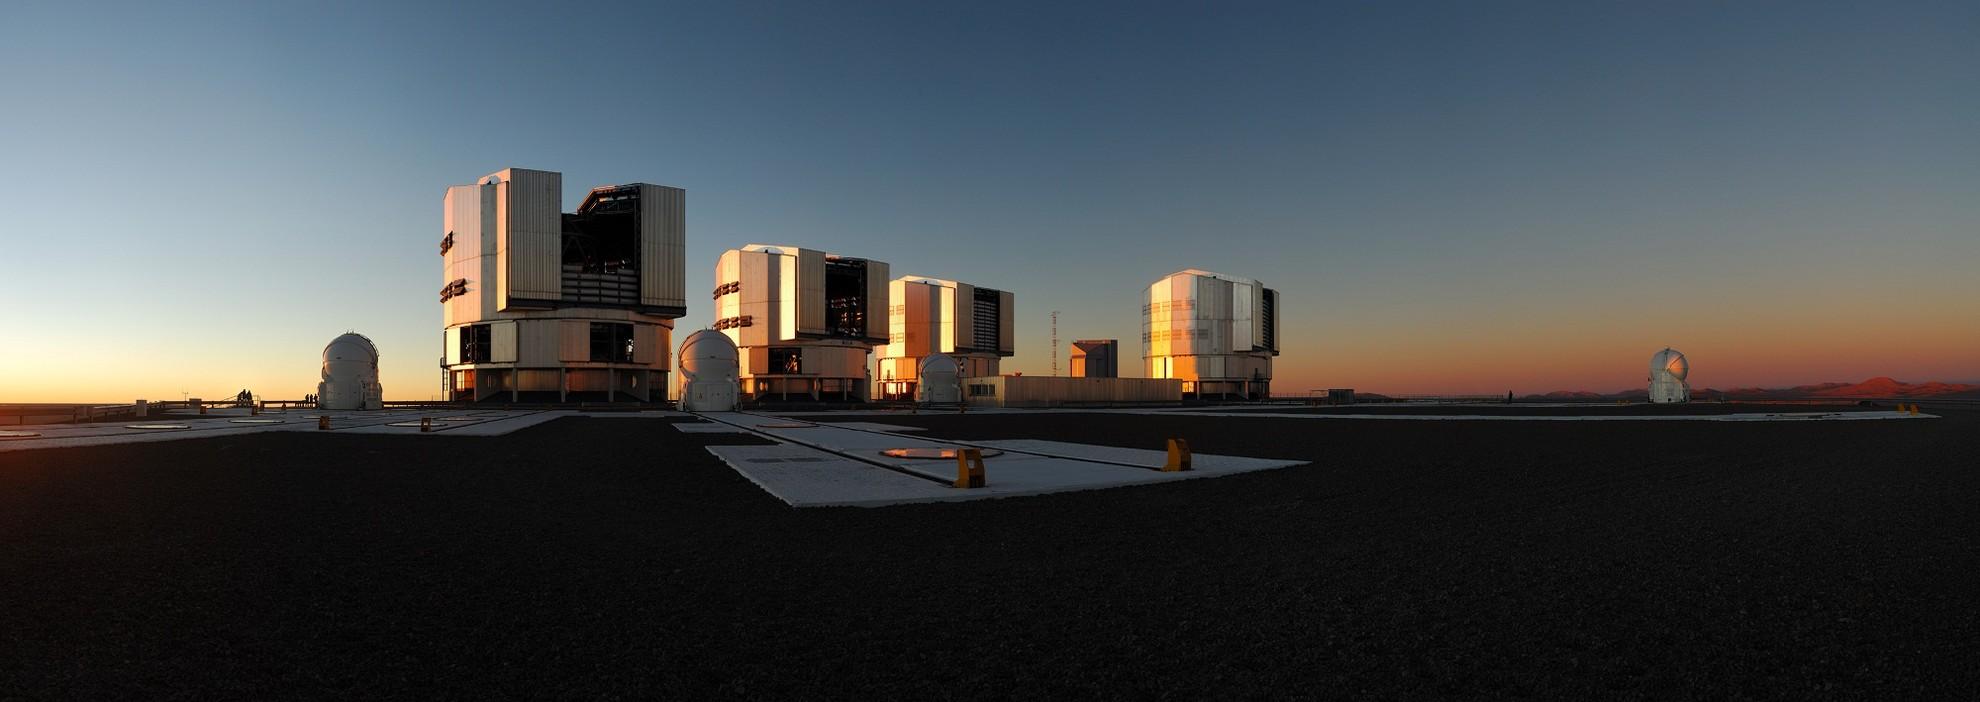 Coucher de soleil au Paranal - Droits : ESO/Y. Beletsky